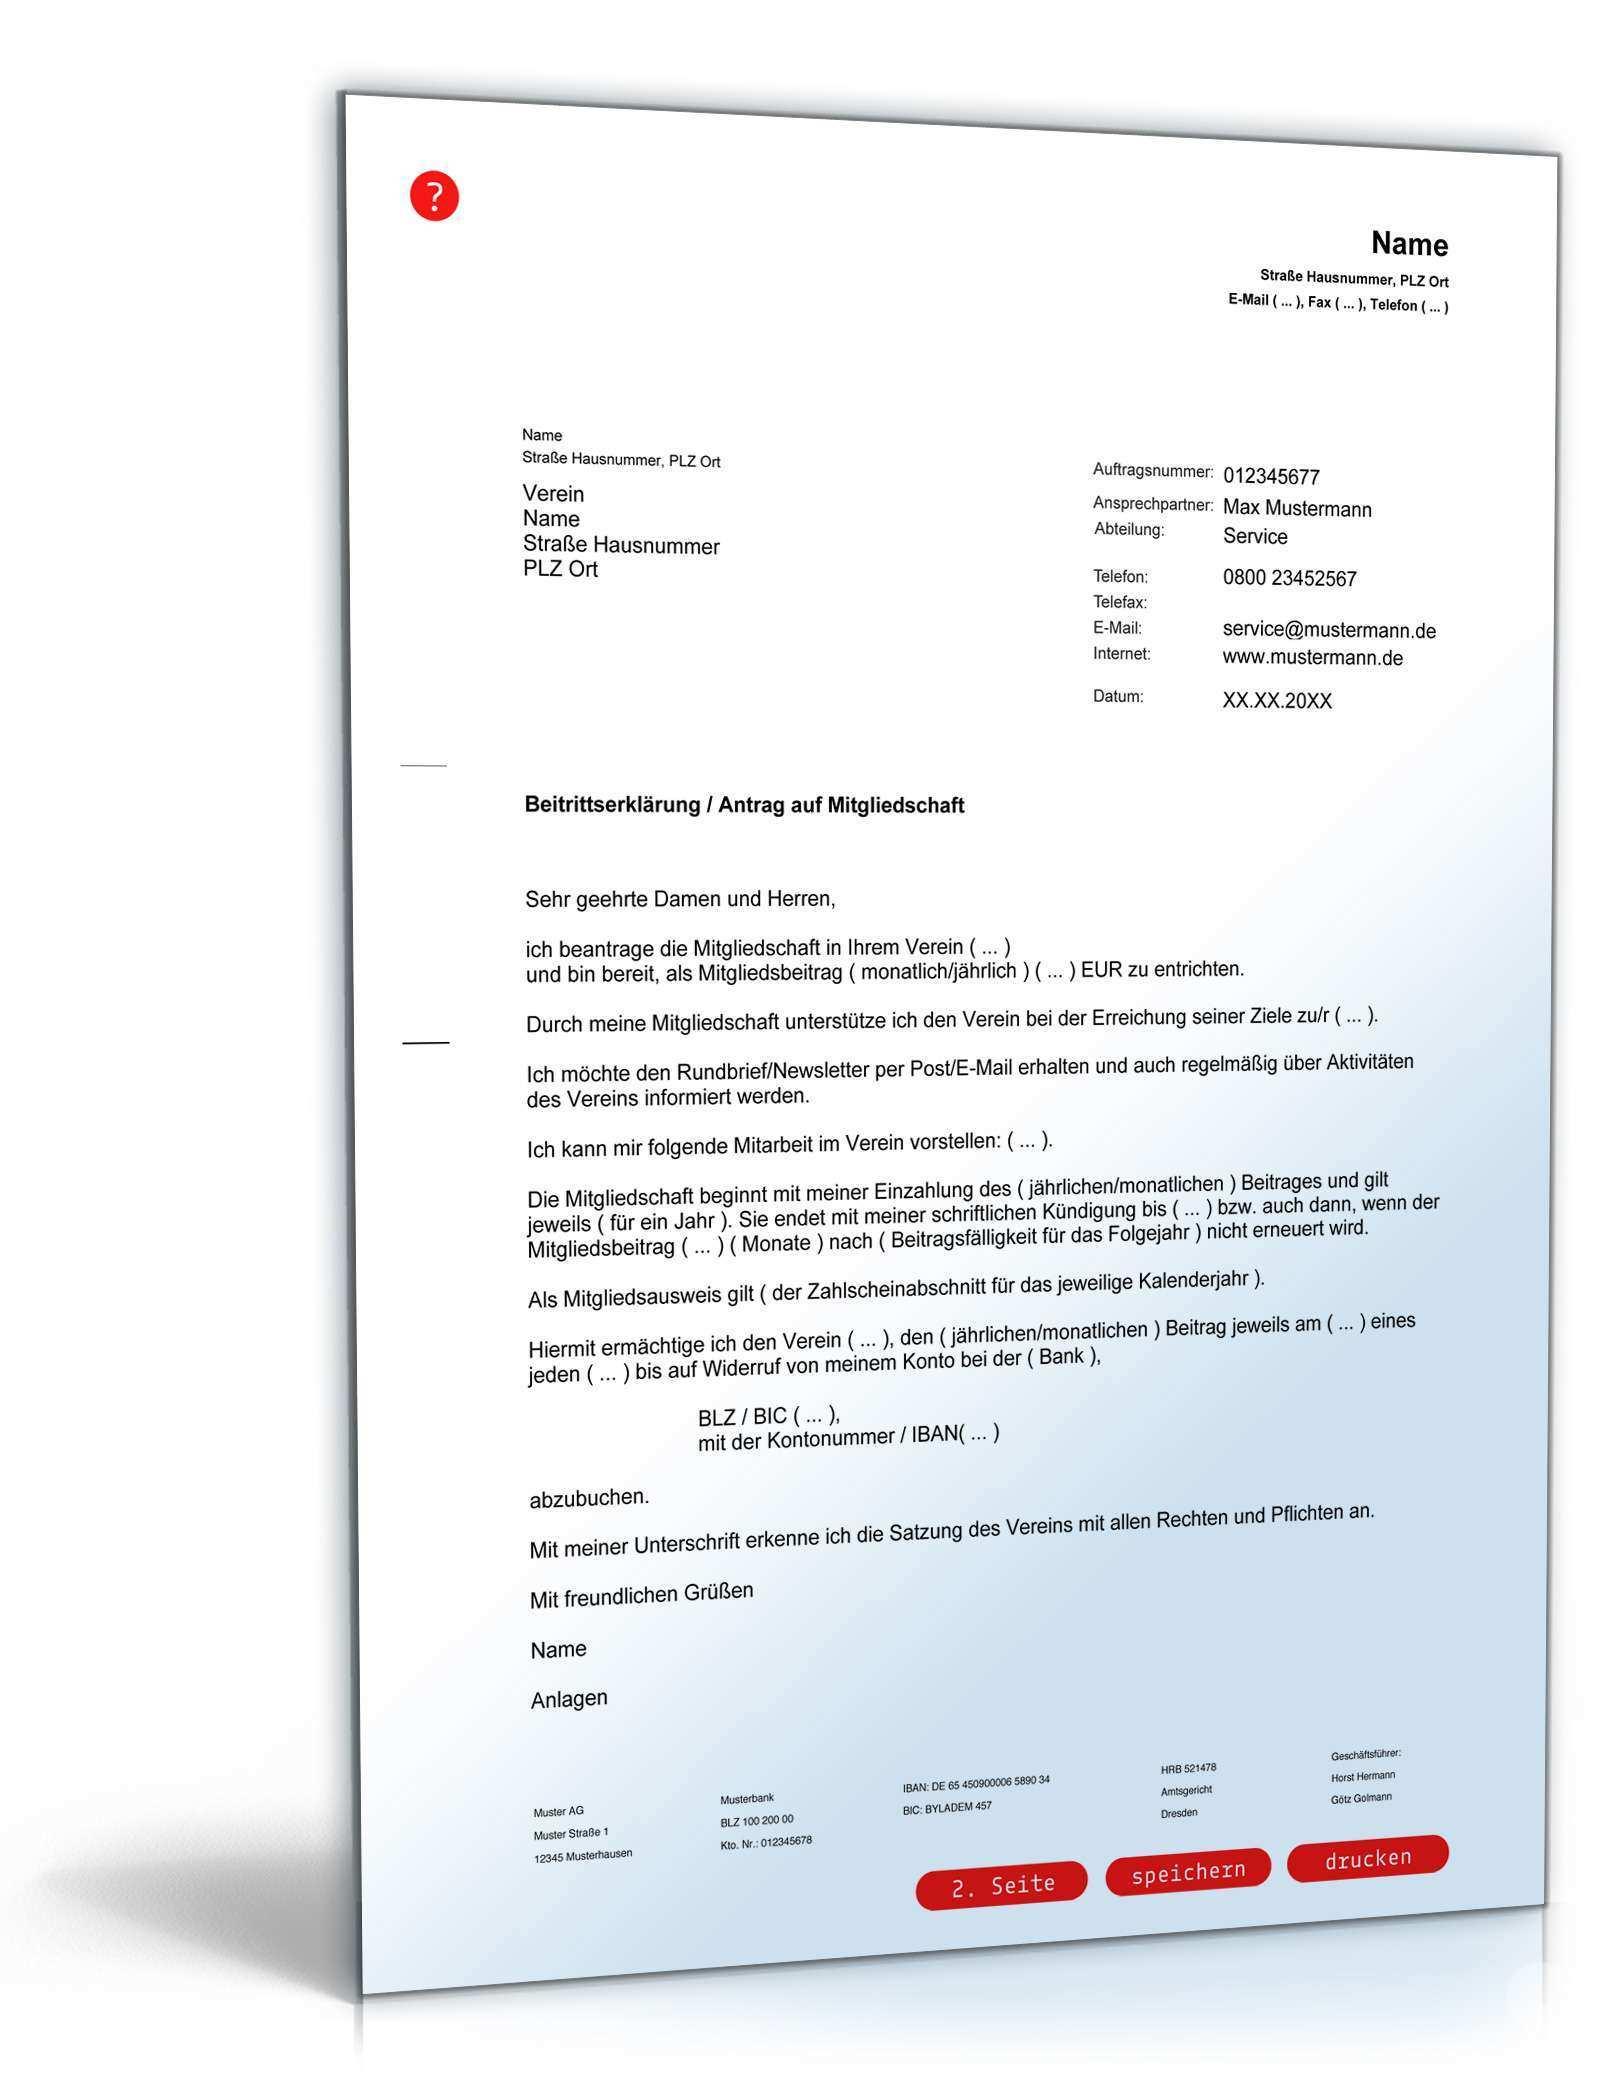 Beitrittserklarung Verein Antrag Mitgliedschaft Muster Zum Download